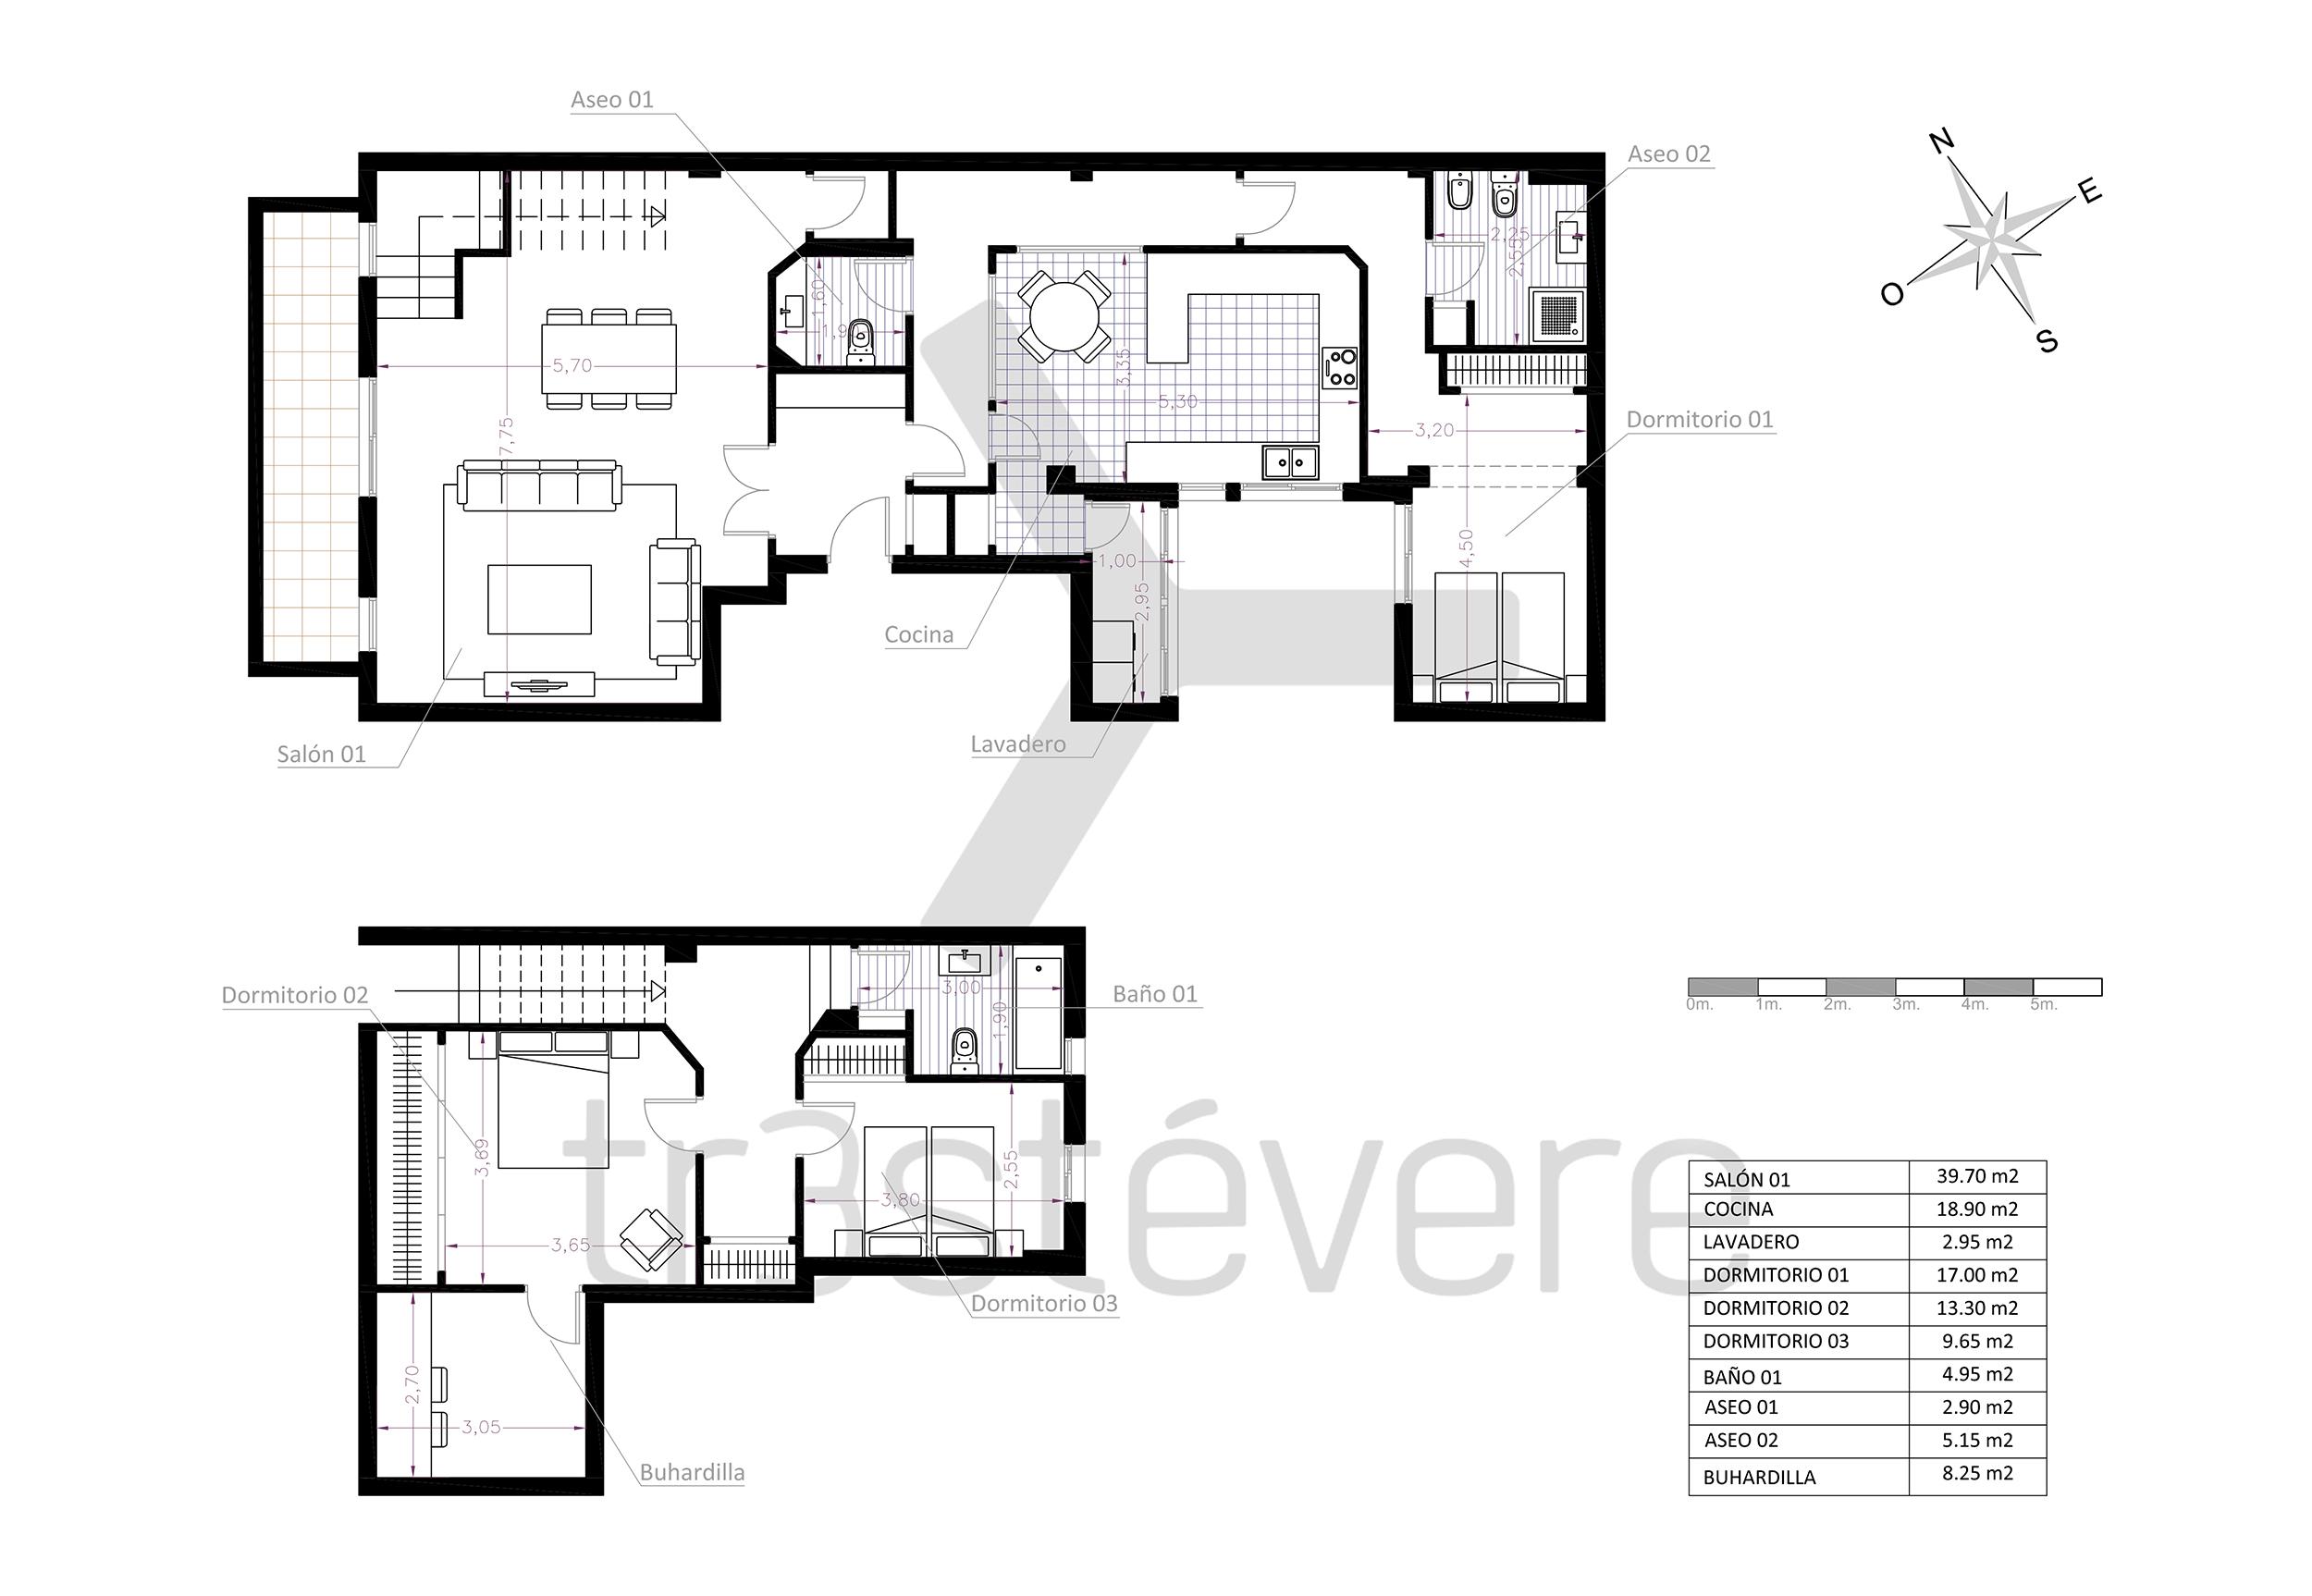 plano vivienda 01